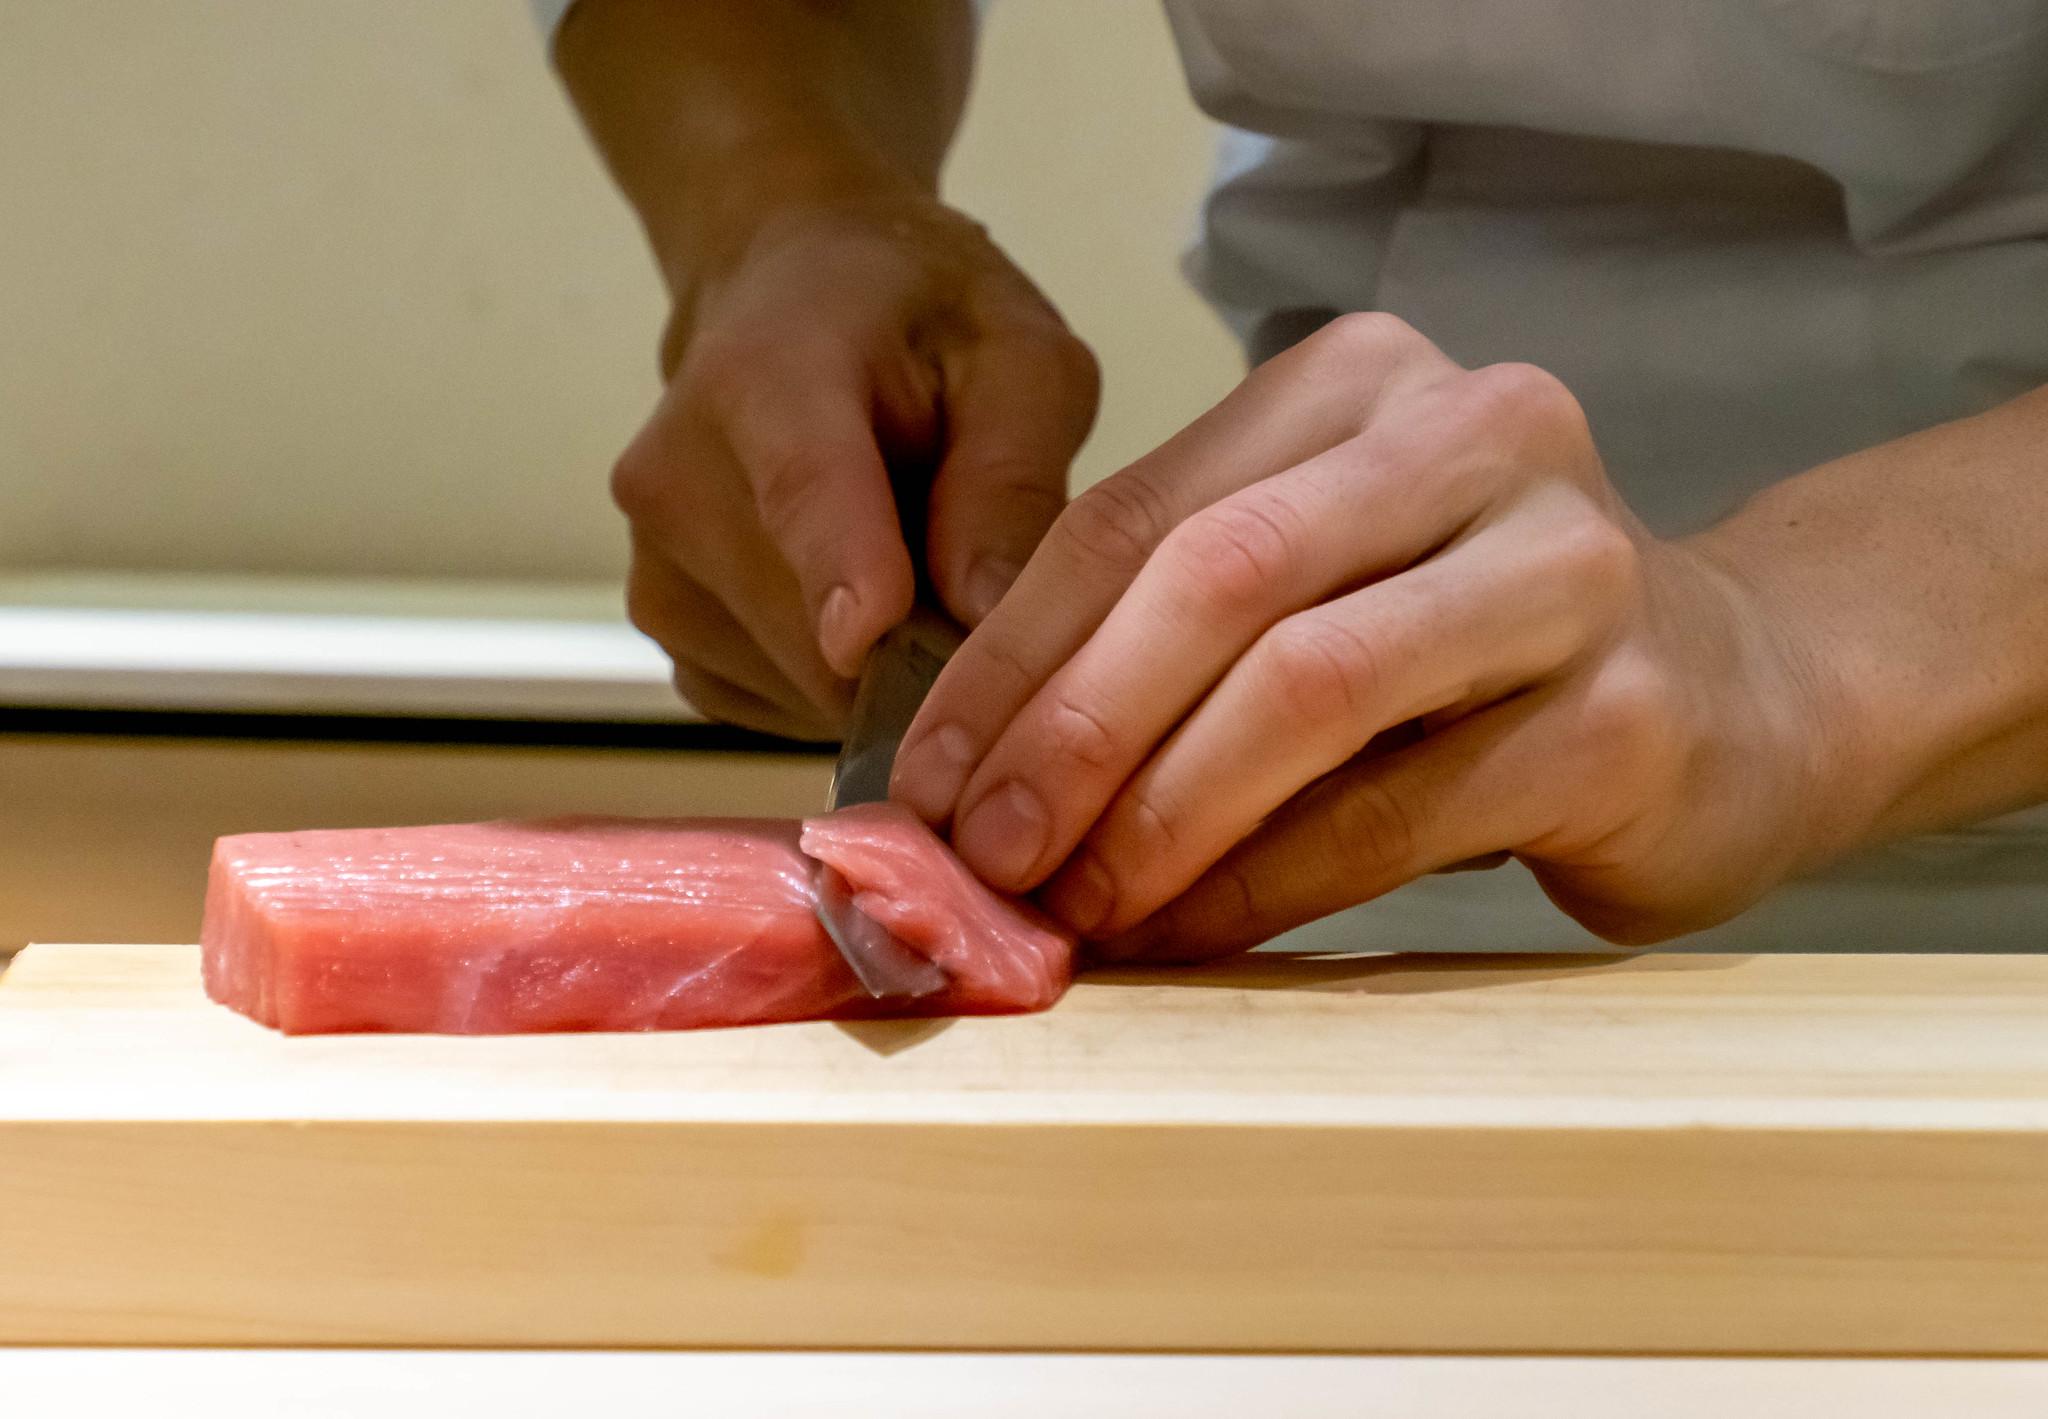 旬を満喫するおまかせ握りコース 大宮にオープン 寿司 六花